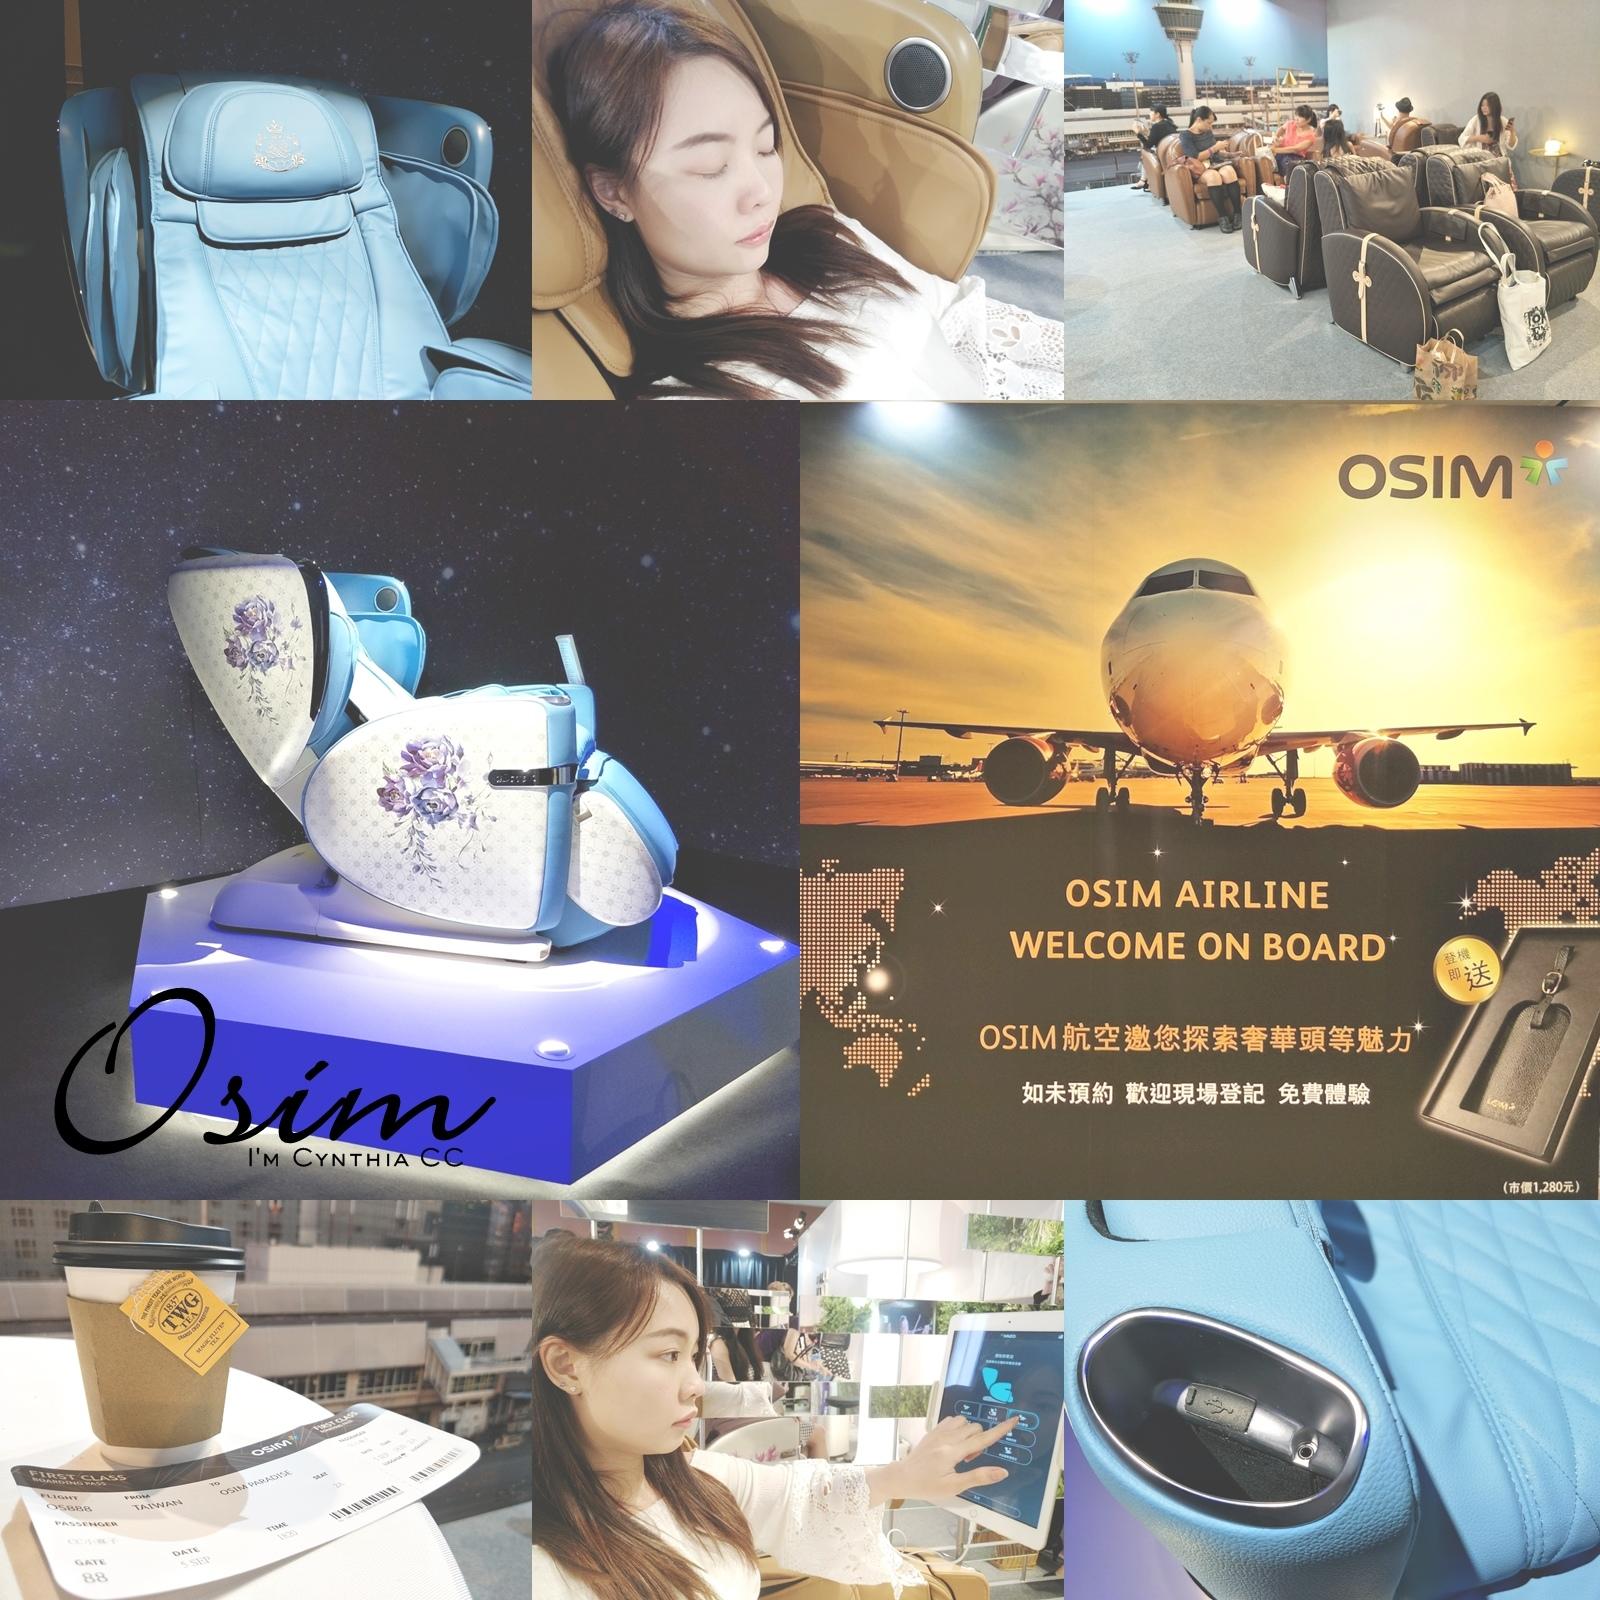 OSIM 4手天王按摩椅-APP智慧操控集娛樂放鬆於一身